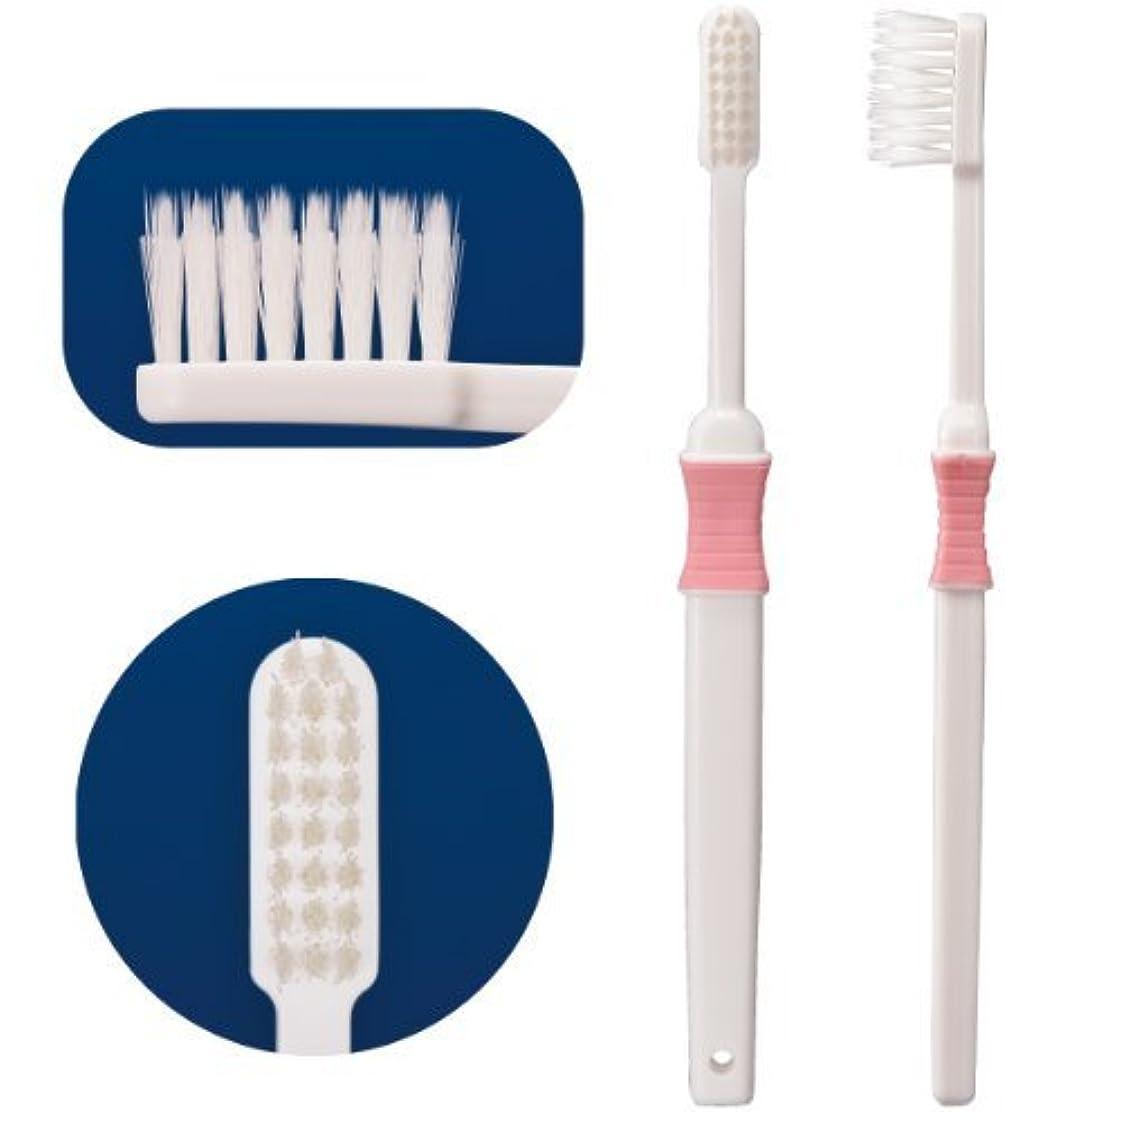 非公式赤確認する新世代歯ブラシ Profits / 31M(超先細毛 ふつう) / 50本入り